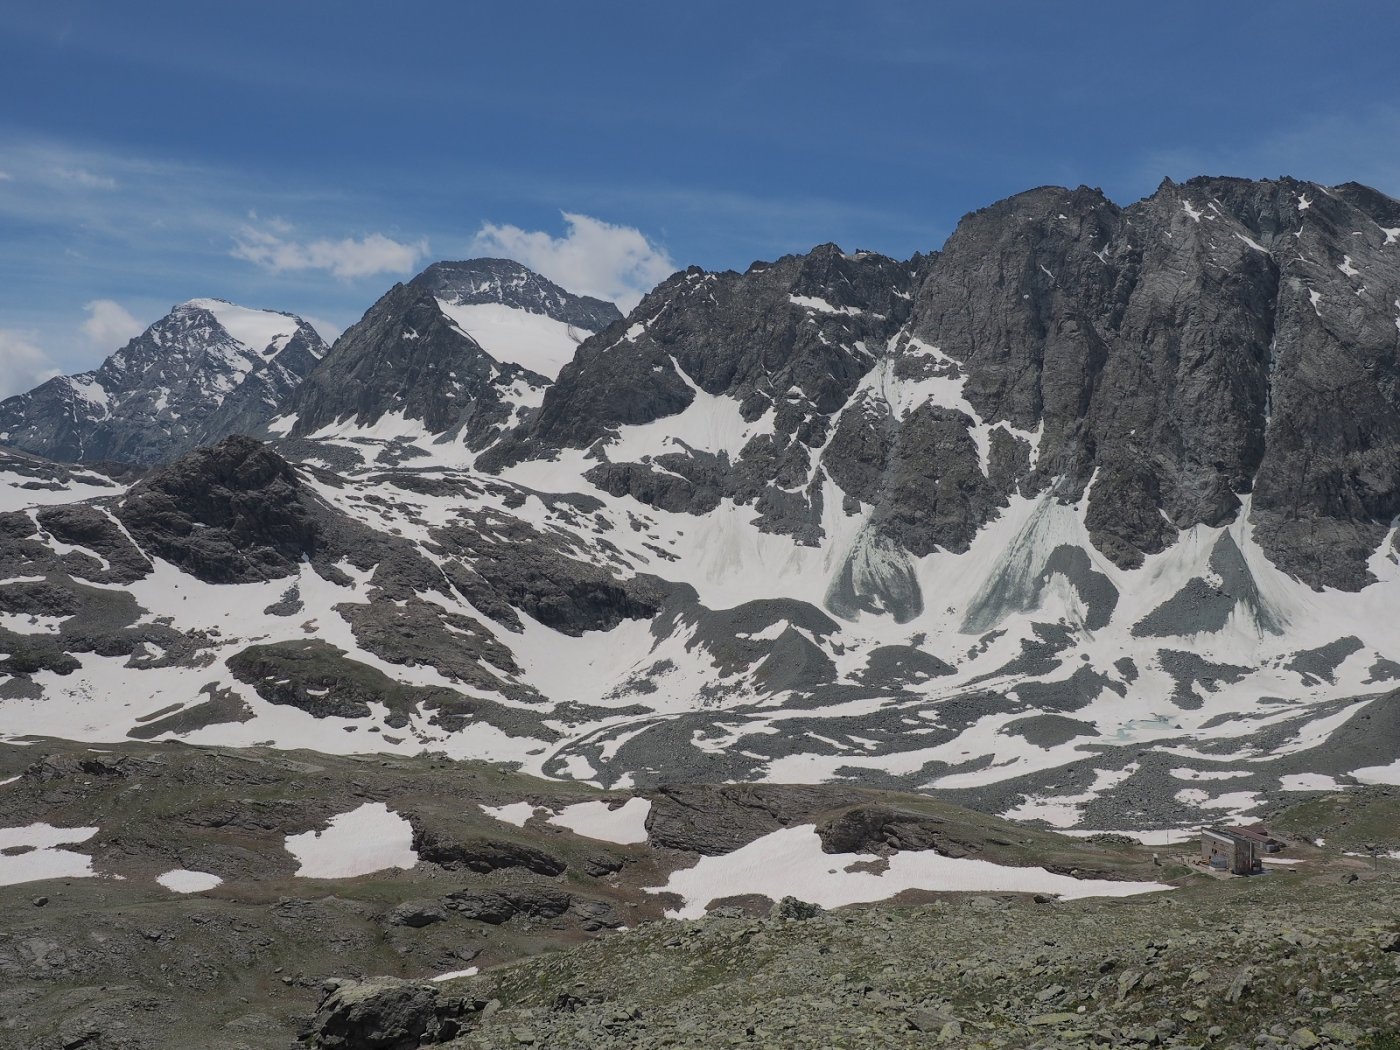 Vista verso il rifugio Gastaldi (in basso a destra) dalla vetta